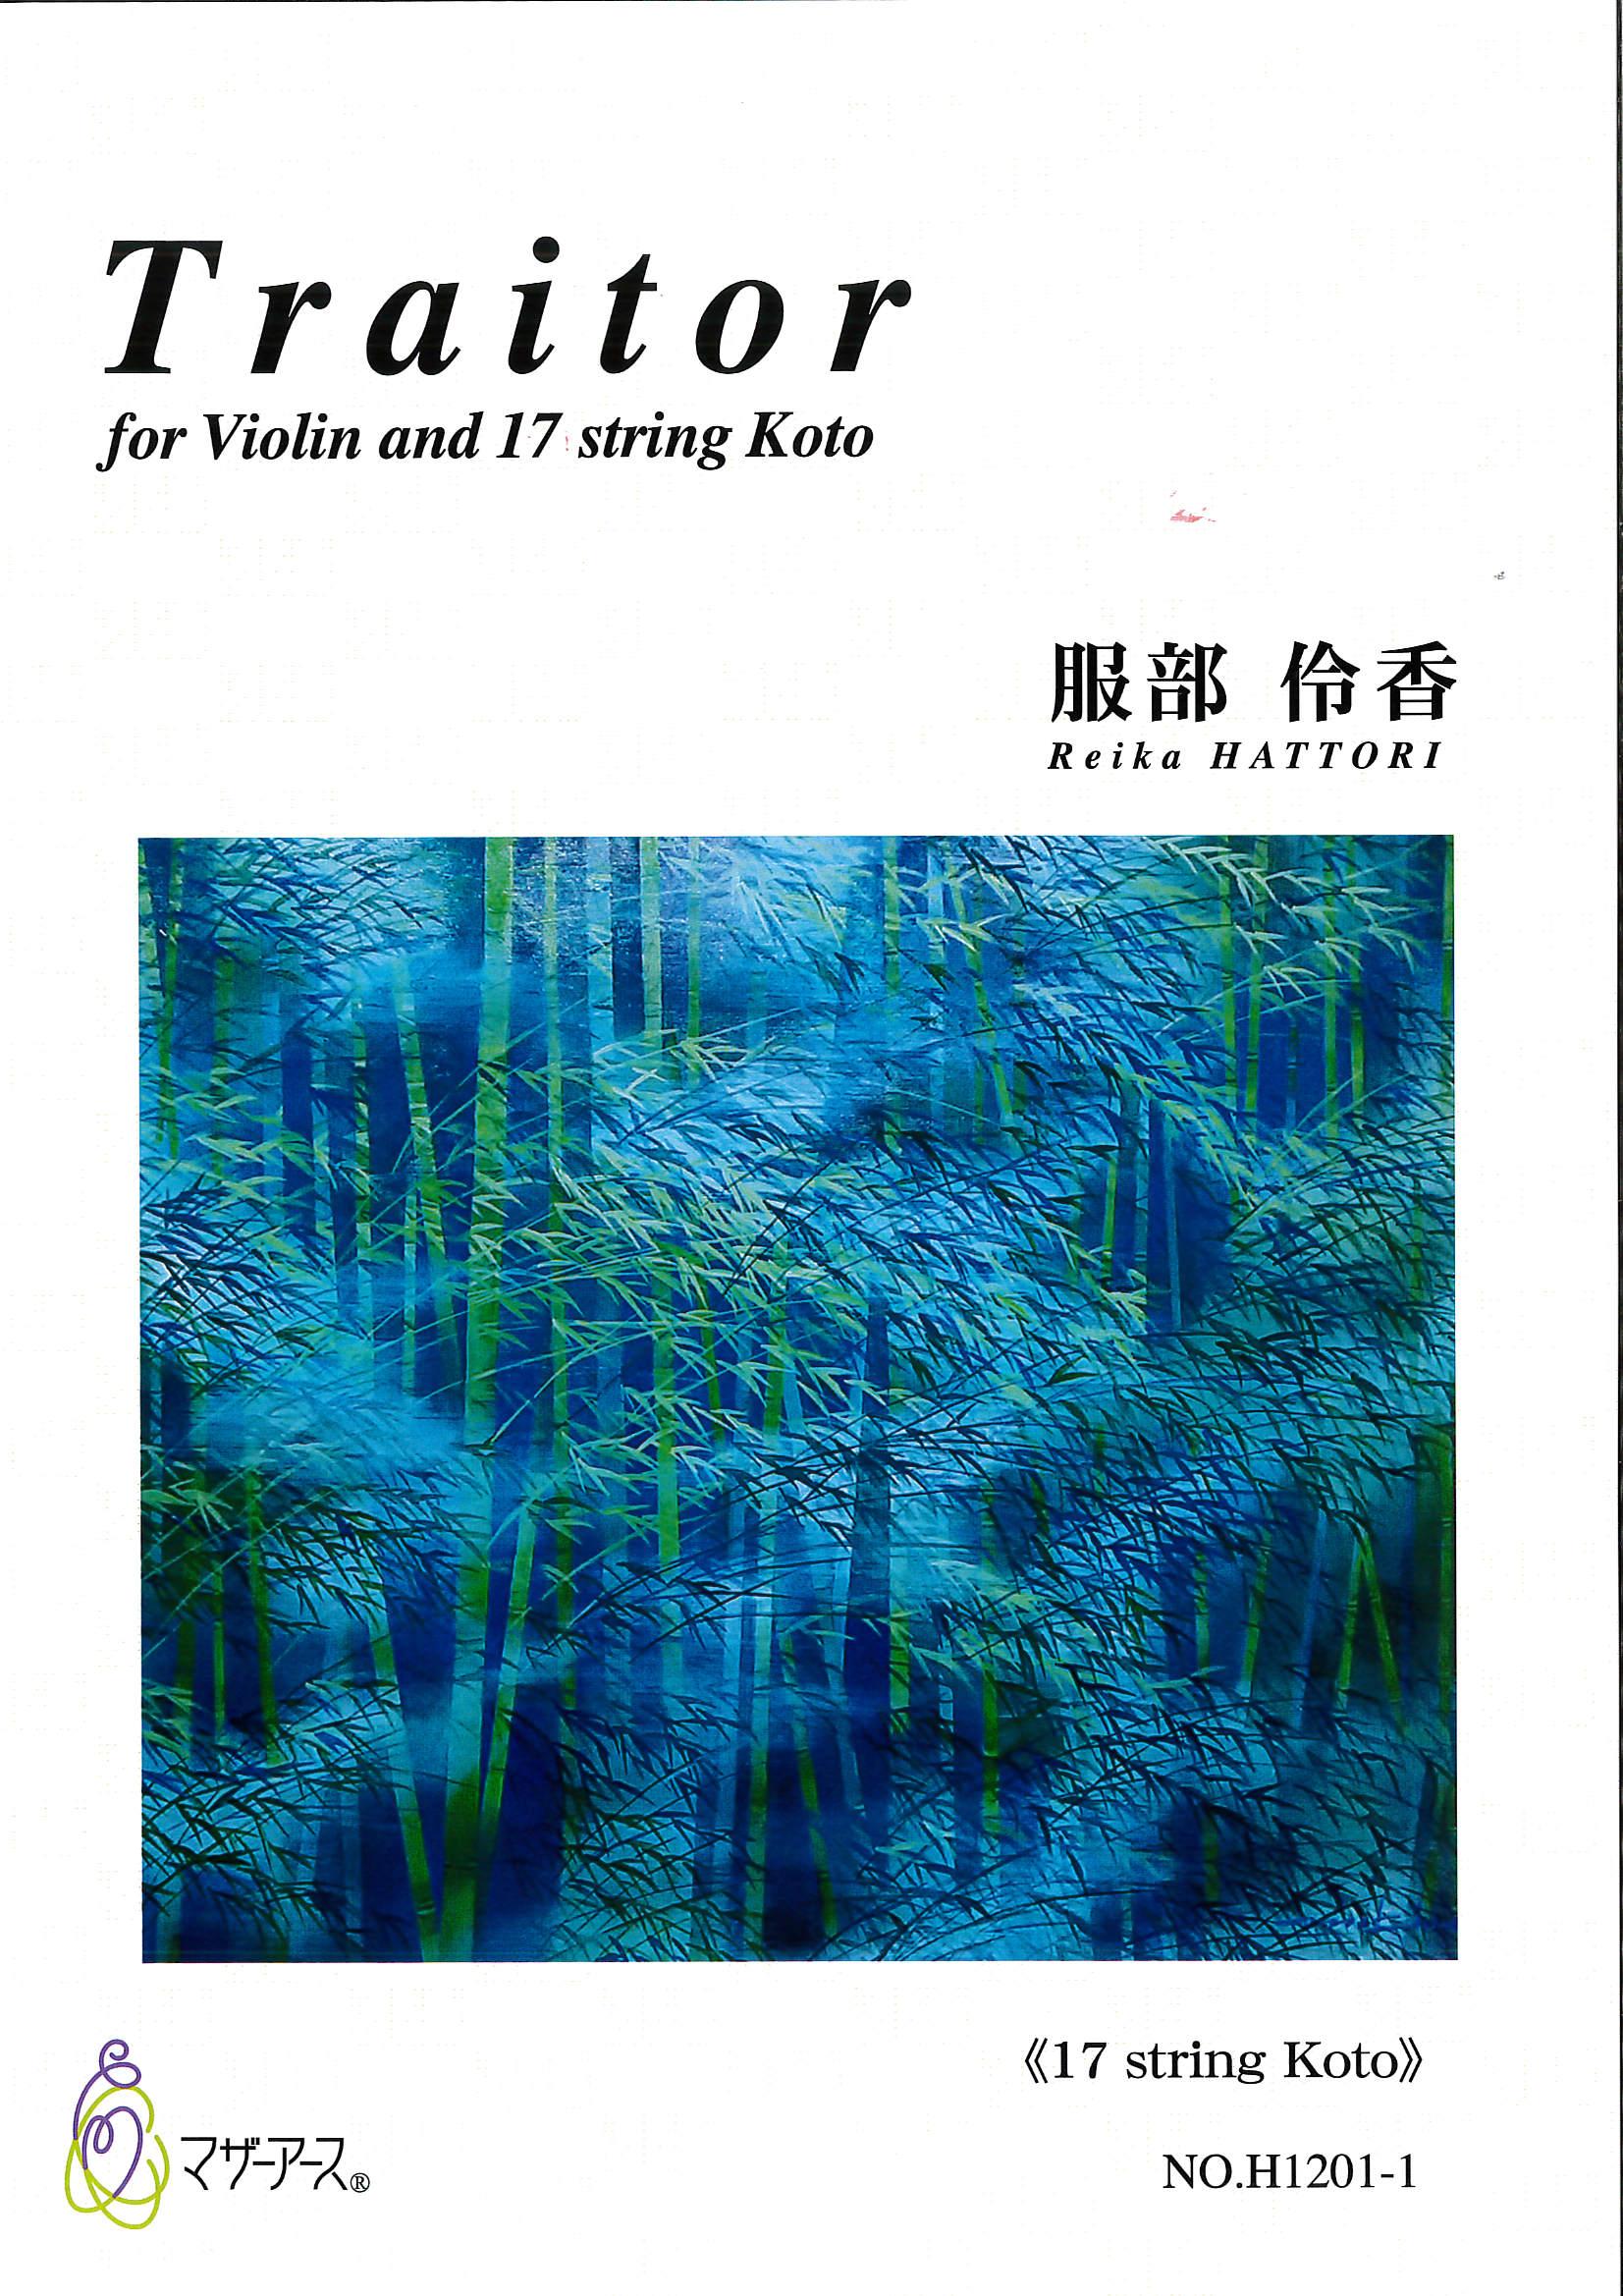 十七絃譜+五線譜スコア Traitor for Violin and 17 string Koto[5552]